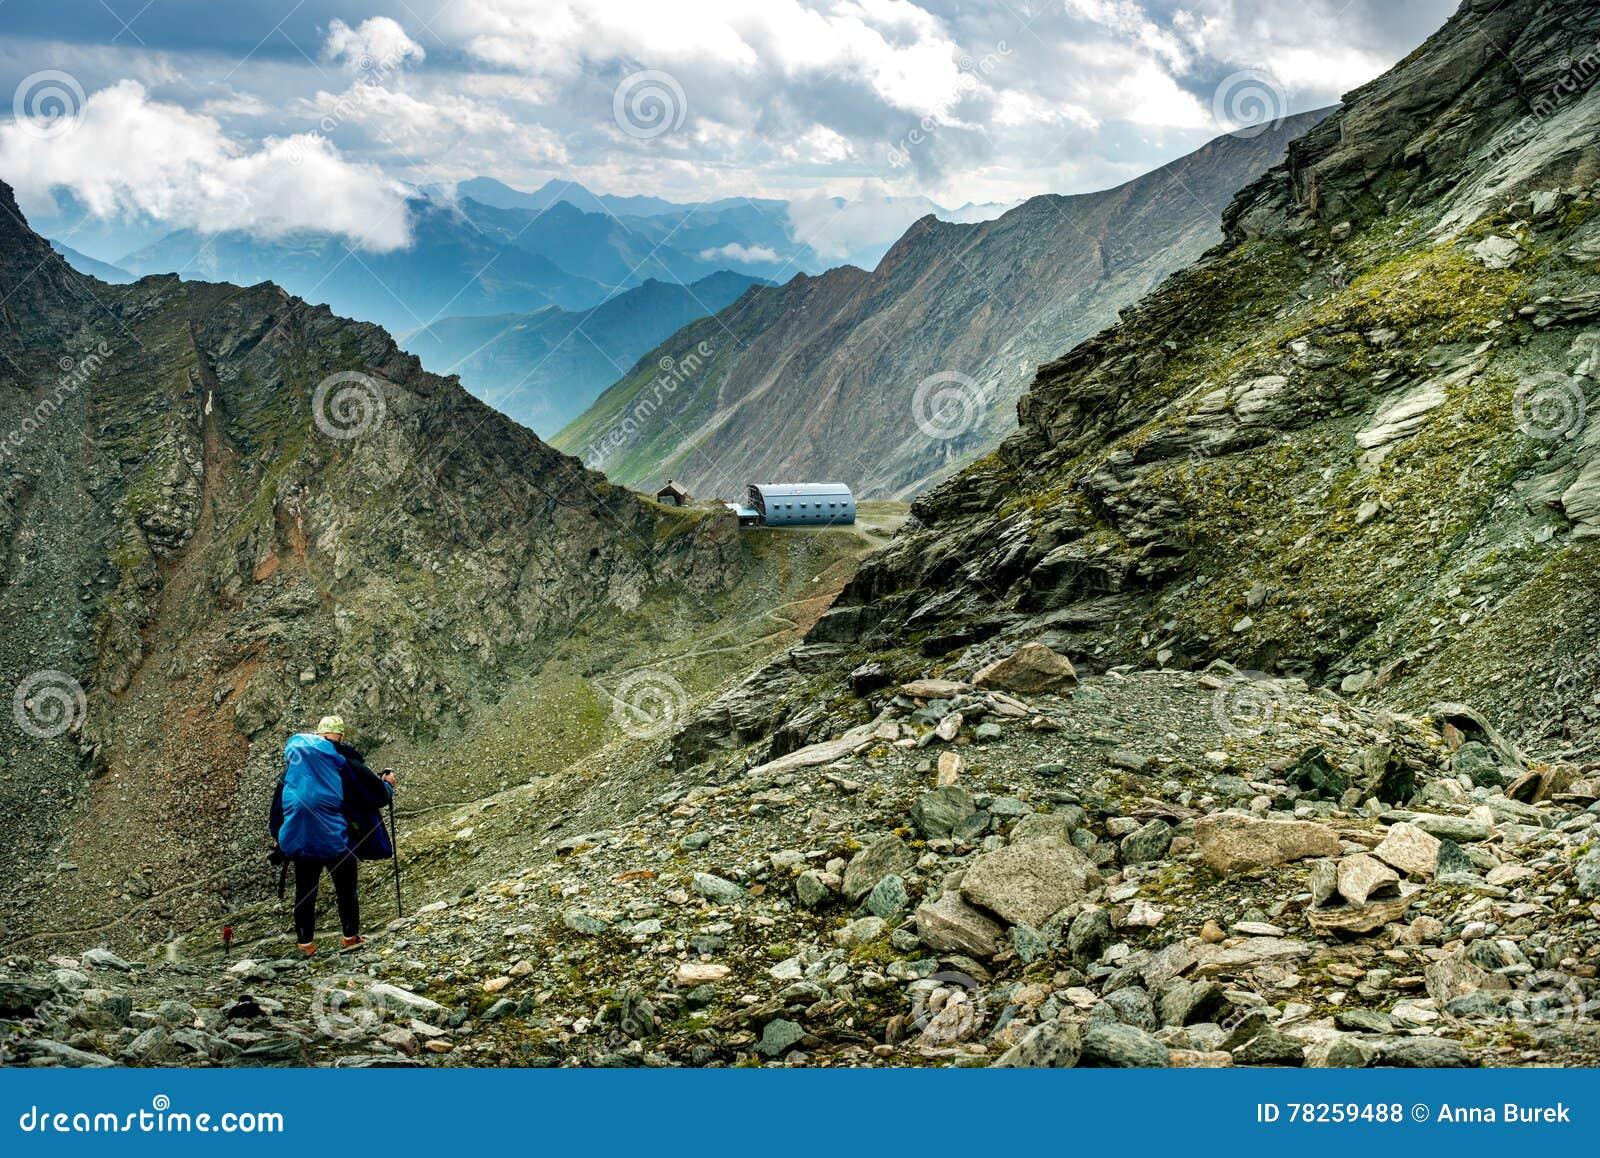 Τα άτομα περπατούν σε έναν δρόμο στο καταφύγιο Studlhutte Grossglockner